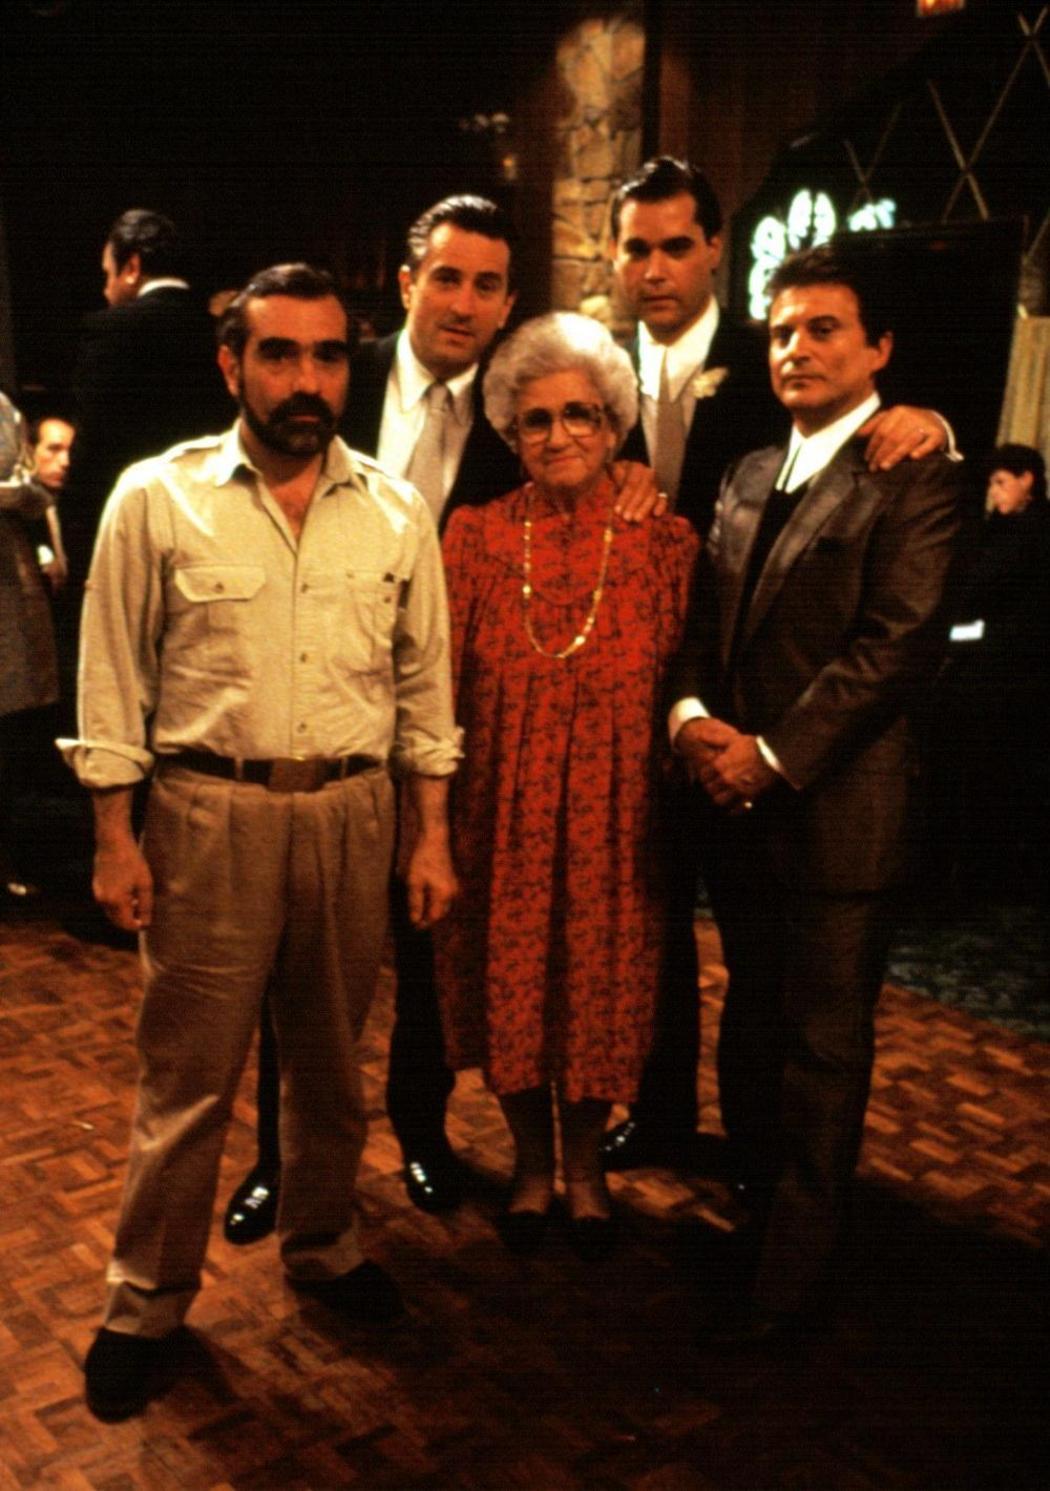 'Goodfellas' at 30: Martin Scorsese's Anthropological Goodlife Through a Lens